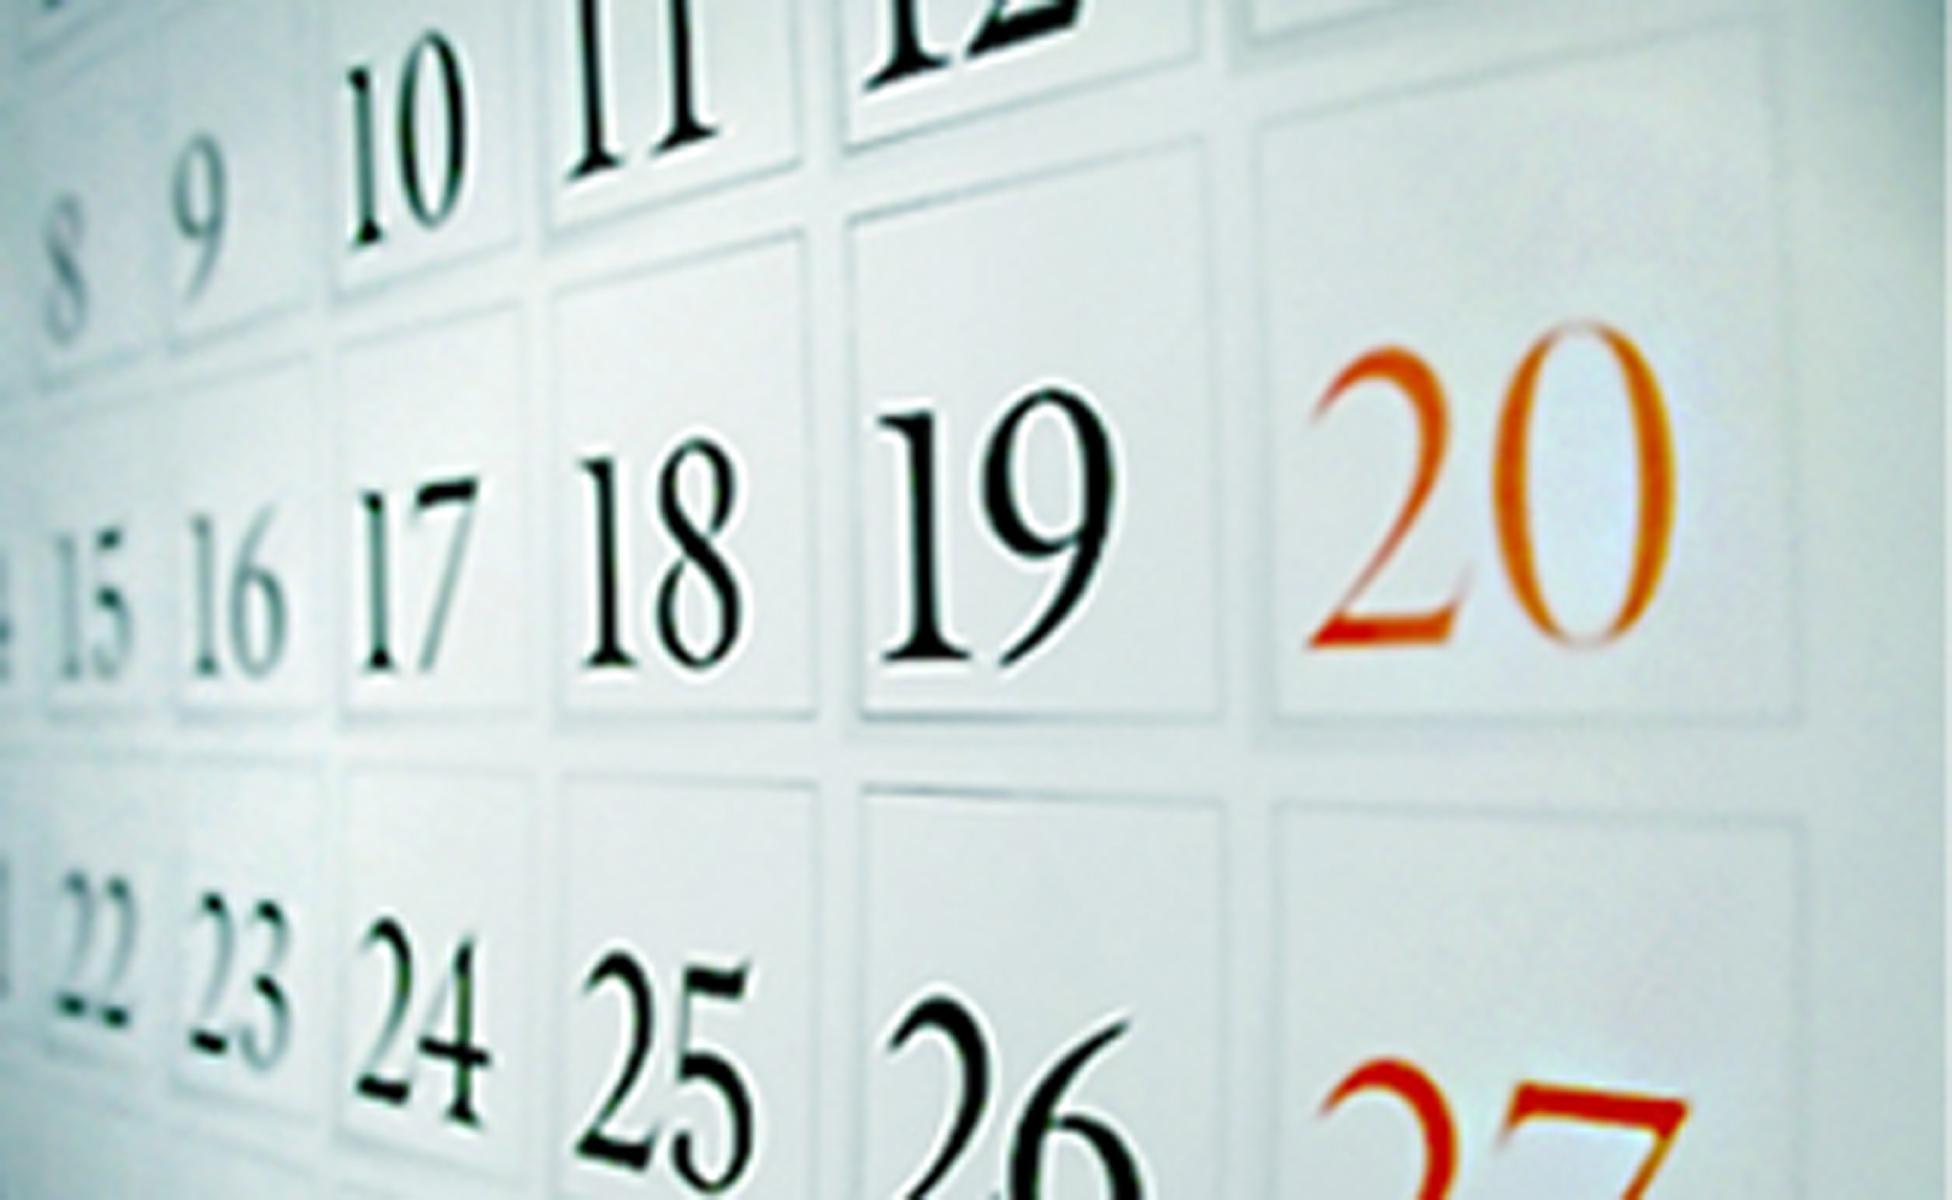 De 10 officiële feestdagen van 2016